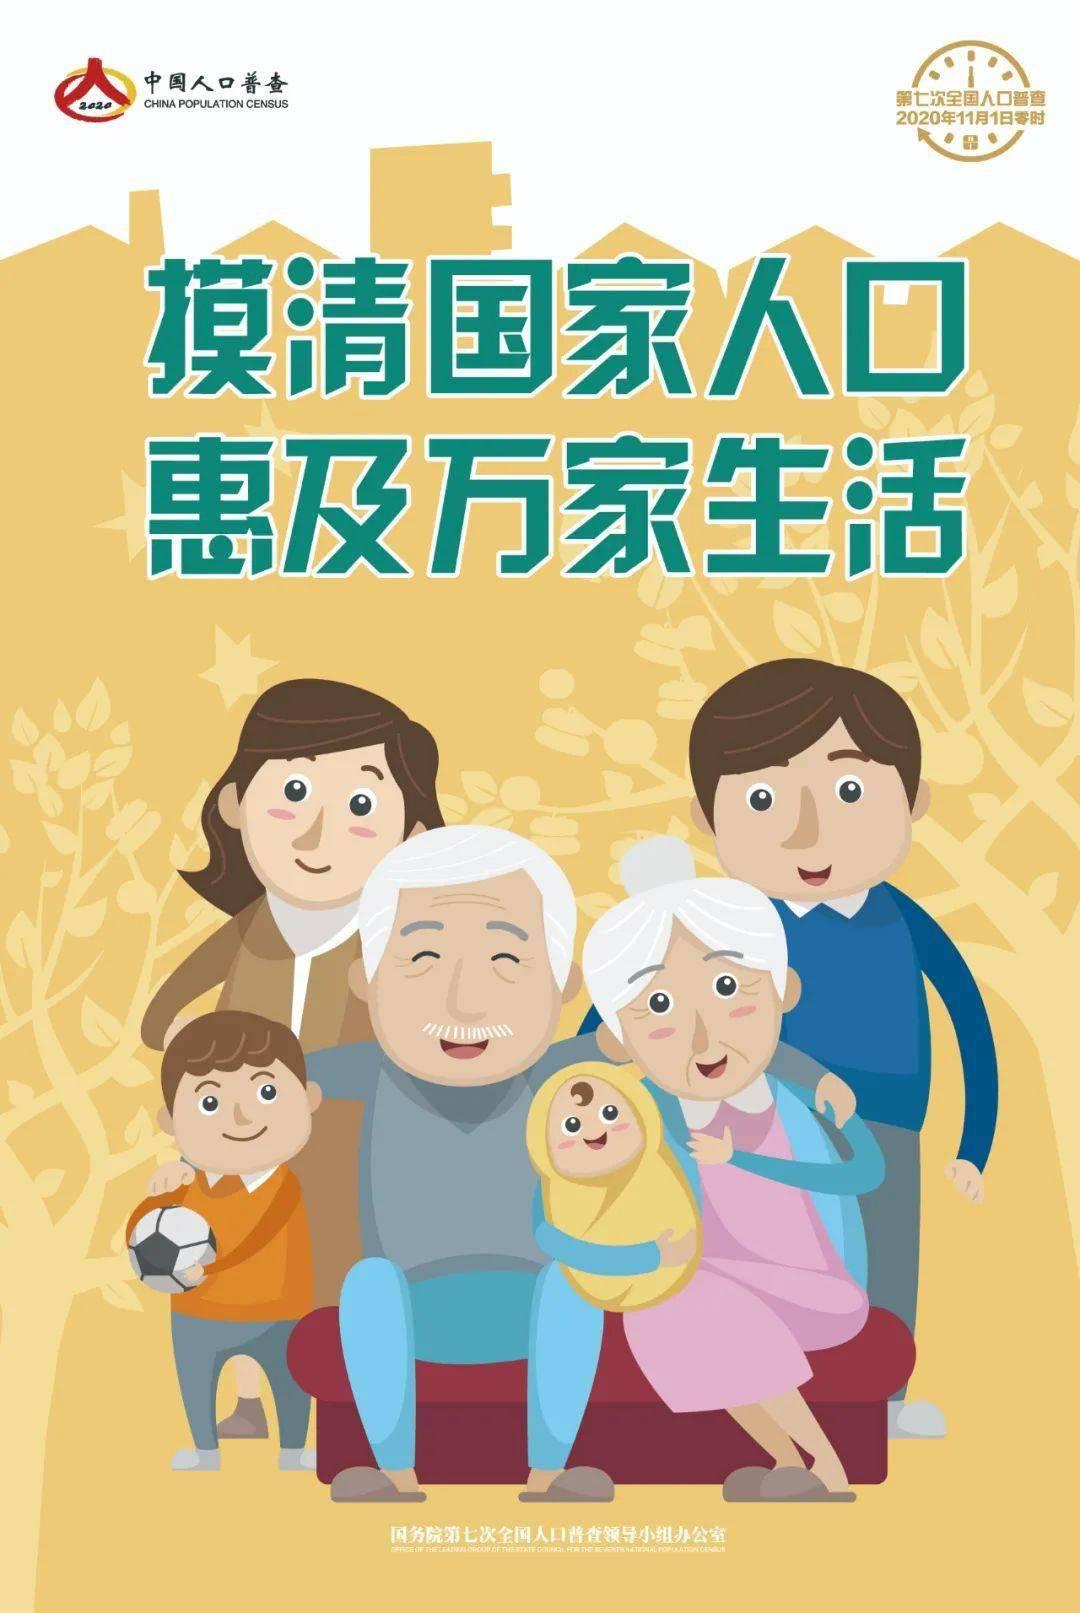 丰台区人口_北京16区人口一览:东城区人口79.4万,西城区人口113.7万